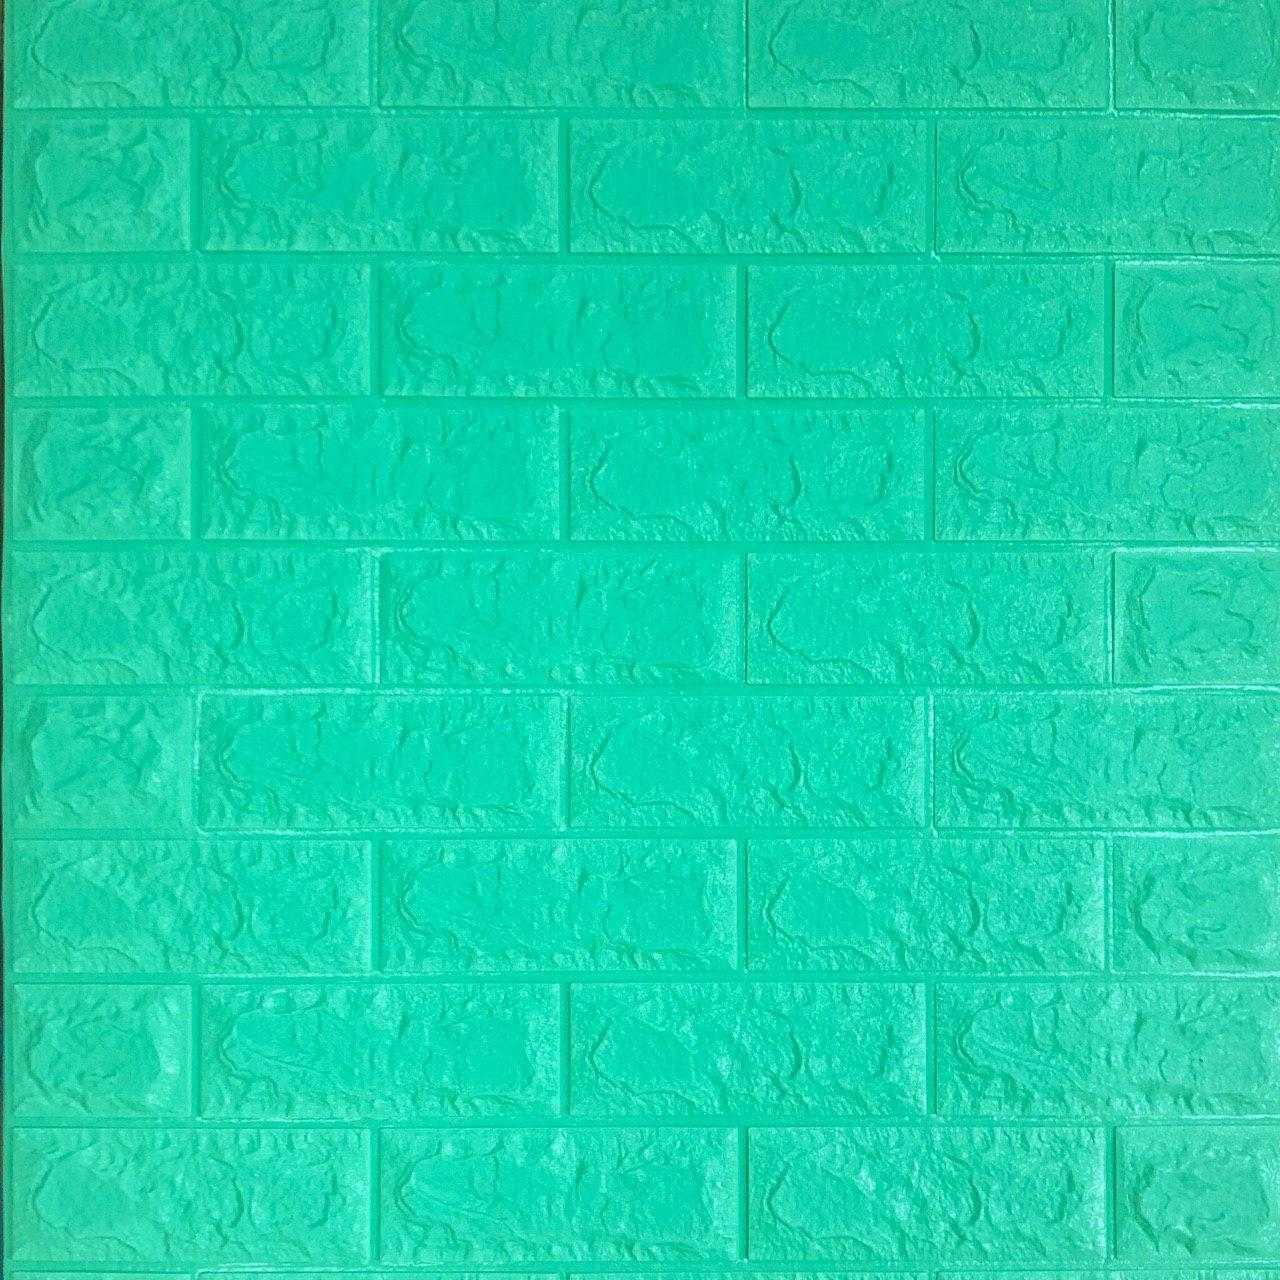 3д панель стеновой декоративный Мята Кирпич (самоклеющиеся 3d панели оригинал) зеленый 700x770x5 мм